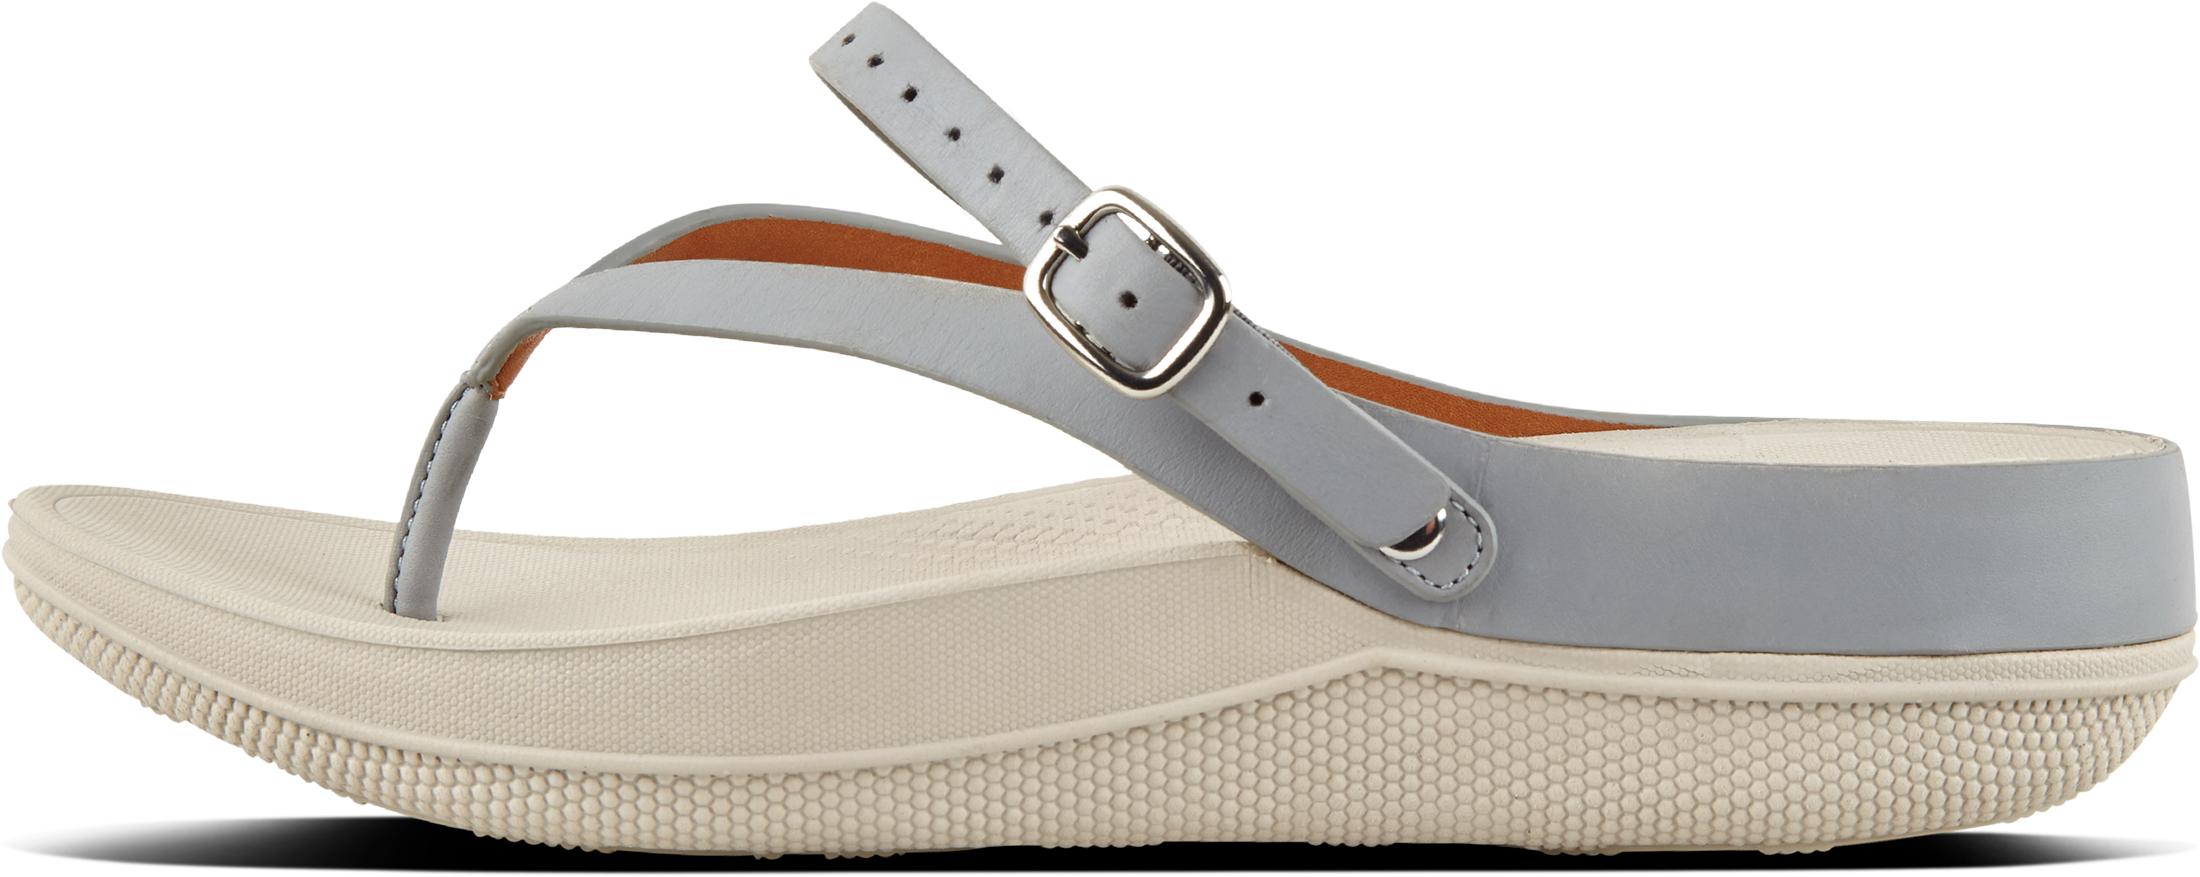 fitflop sangle réglable des sandales en talon cuir papier haut talon en 80e834